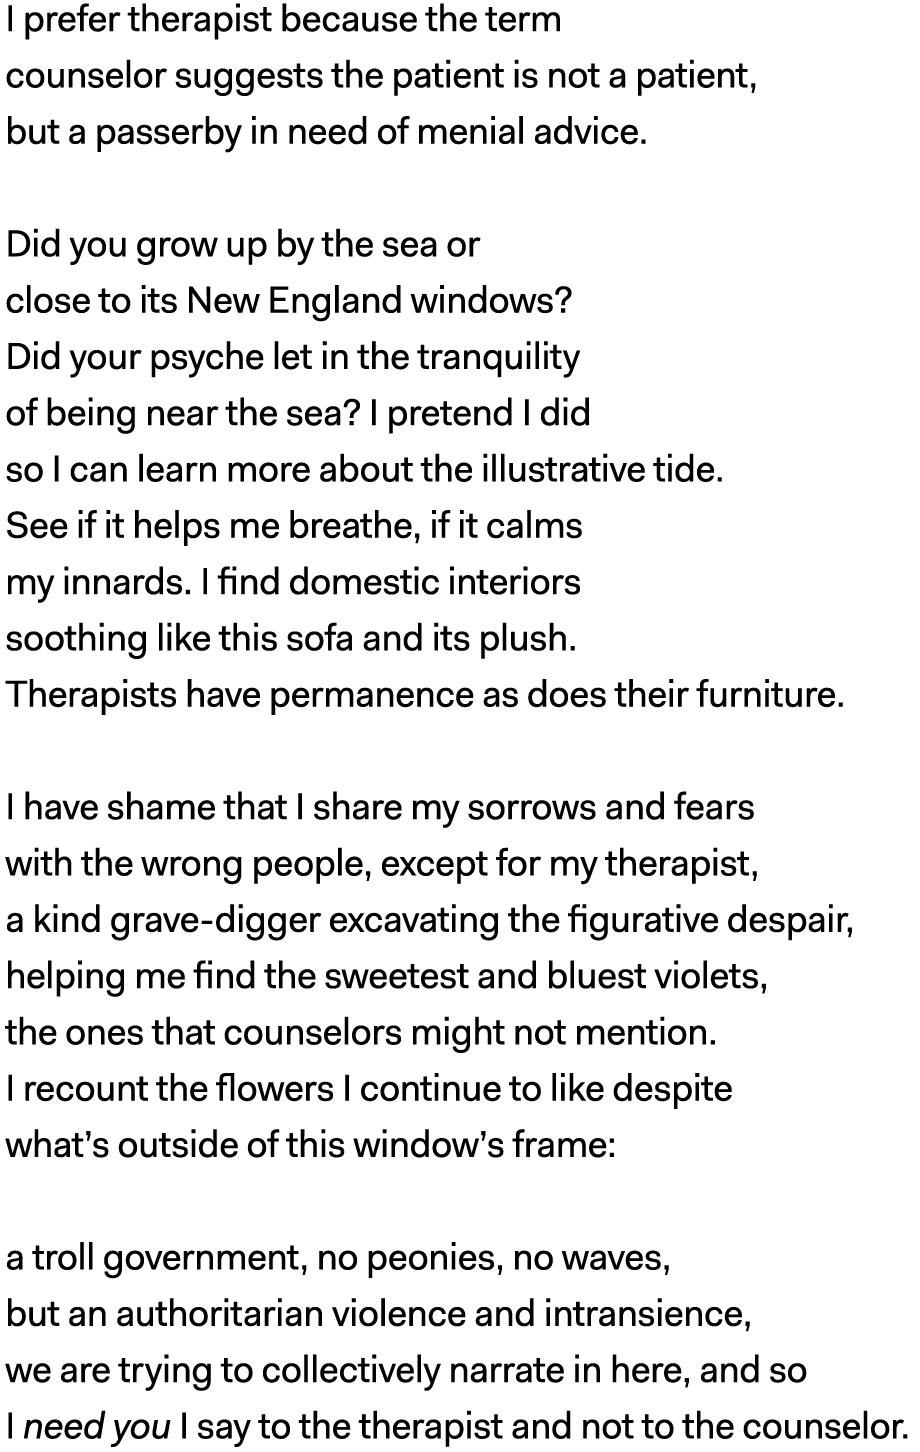 Therapist vs. Counselor thumbnail